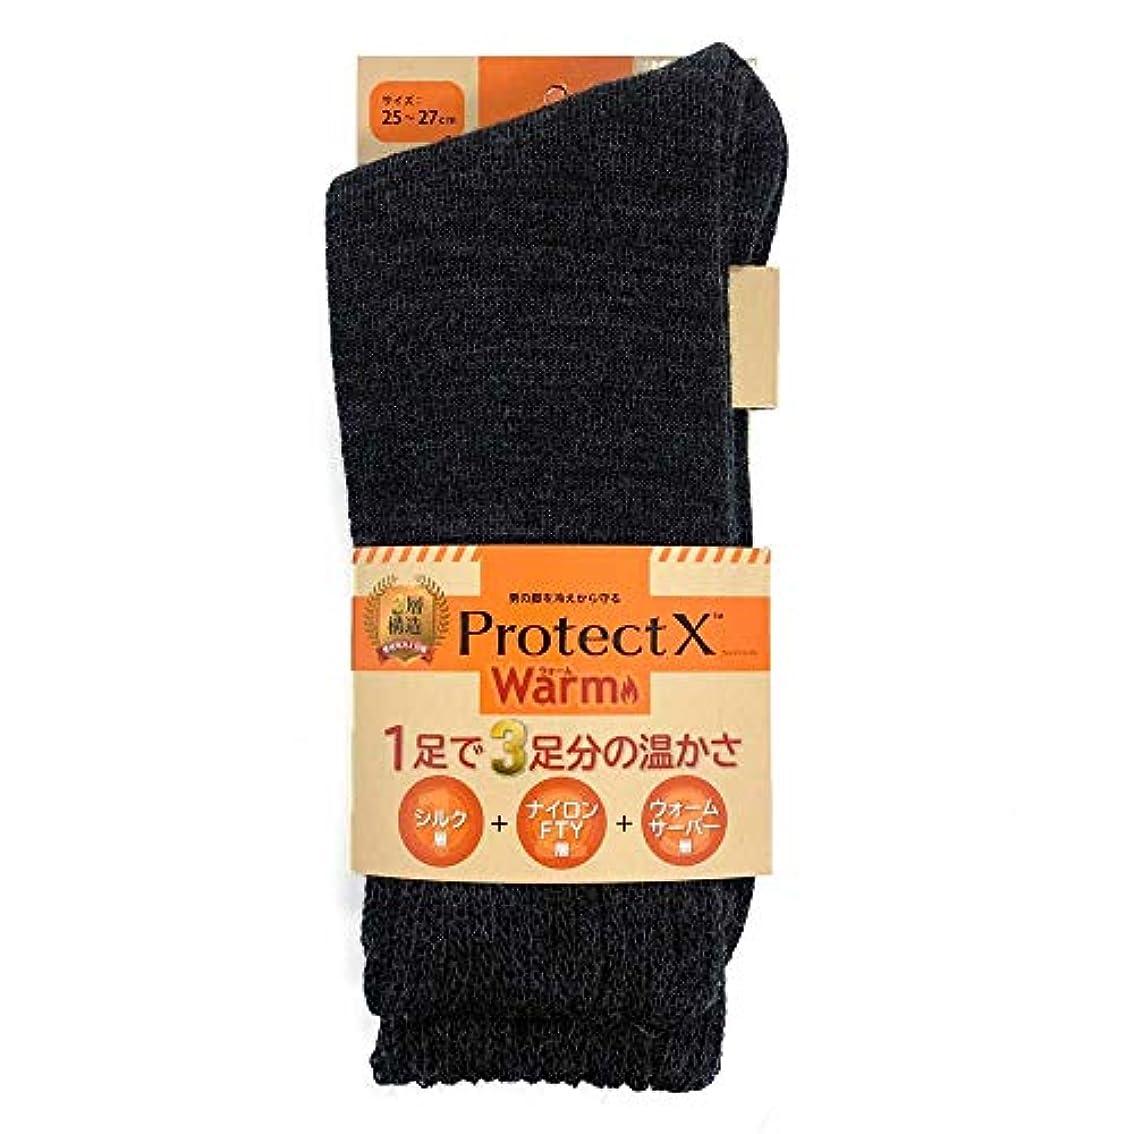 小数実験すずめ冷え性対策 履き口柔らか 男性用冷え対策 シルク100%(内側) 3層構造 防寒ソックス 25-27cm チャコールグレー